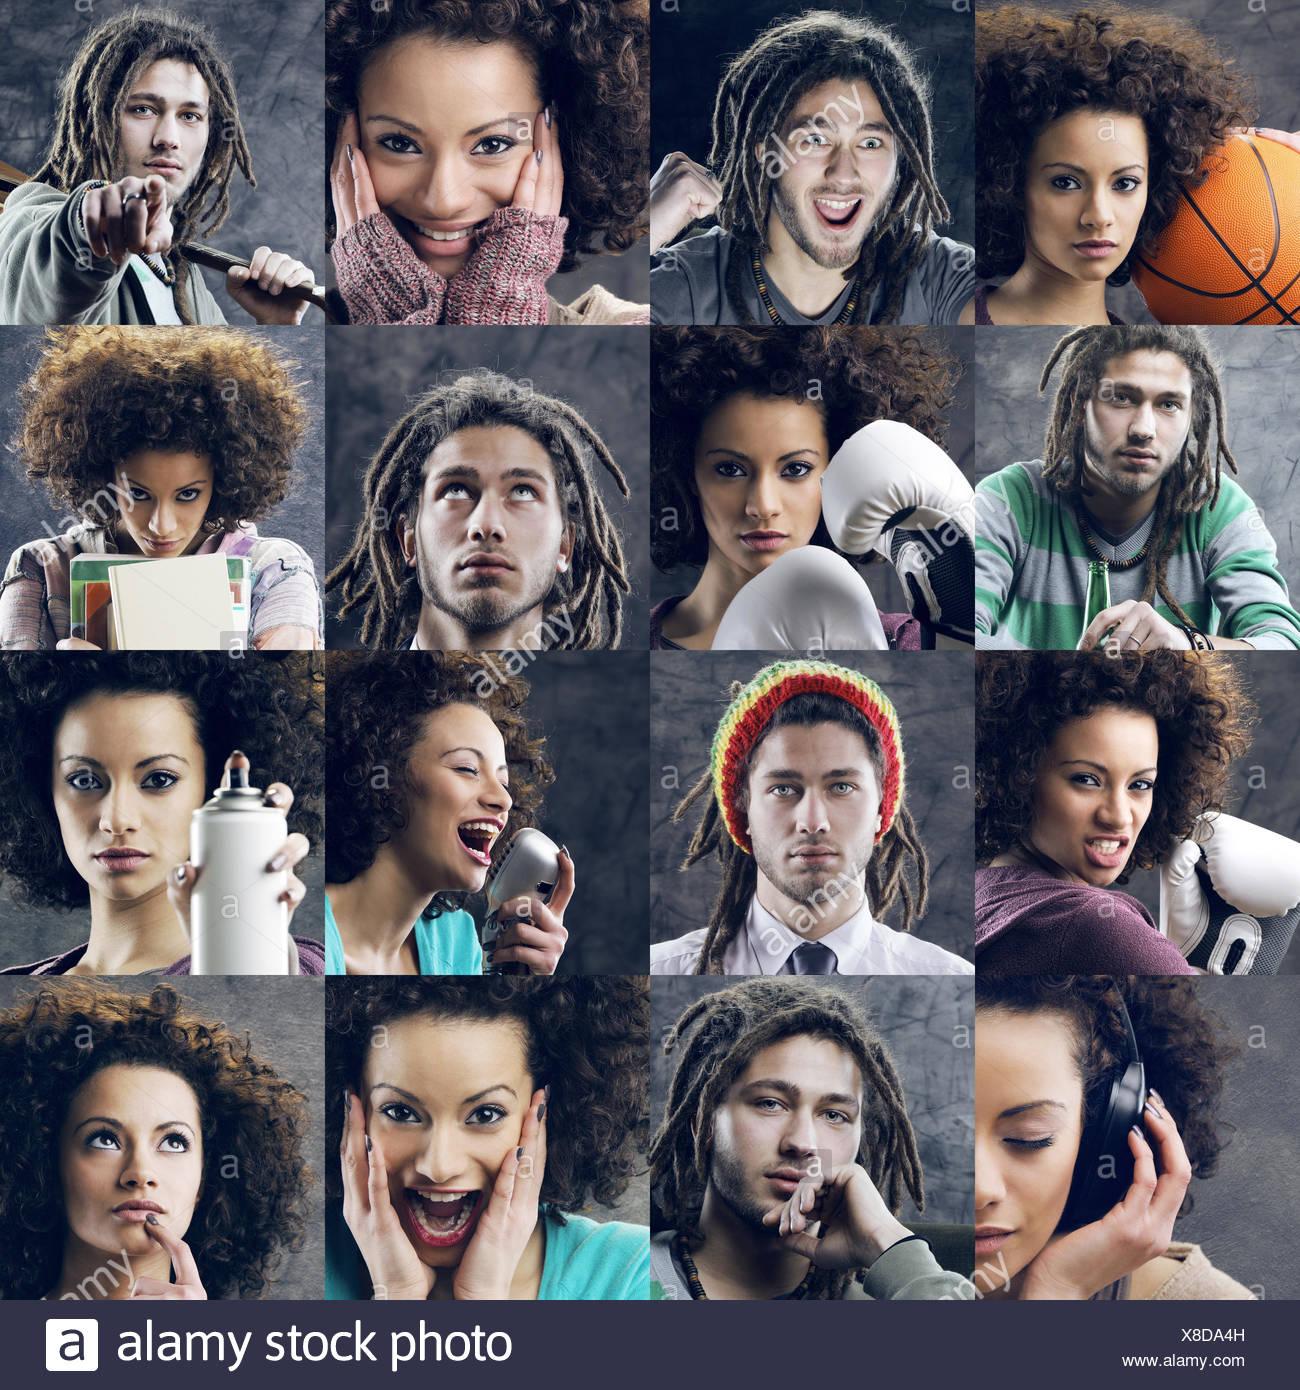 Youth lifestyle - Stock Image